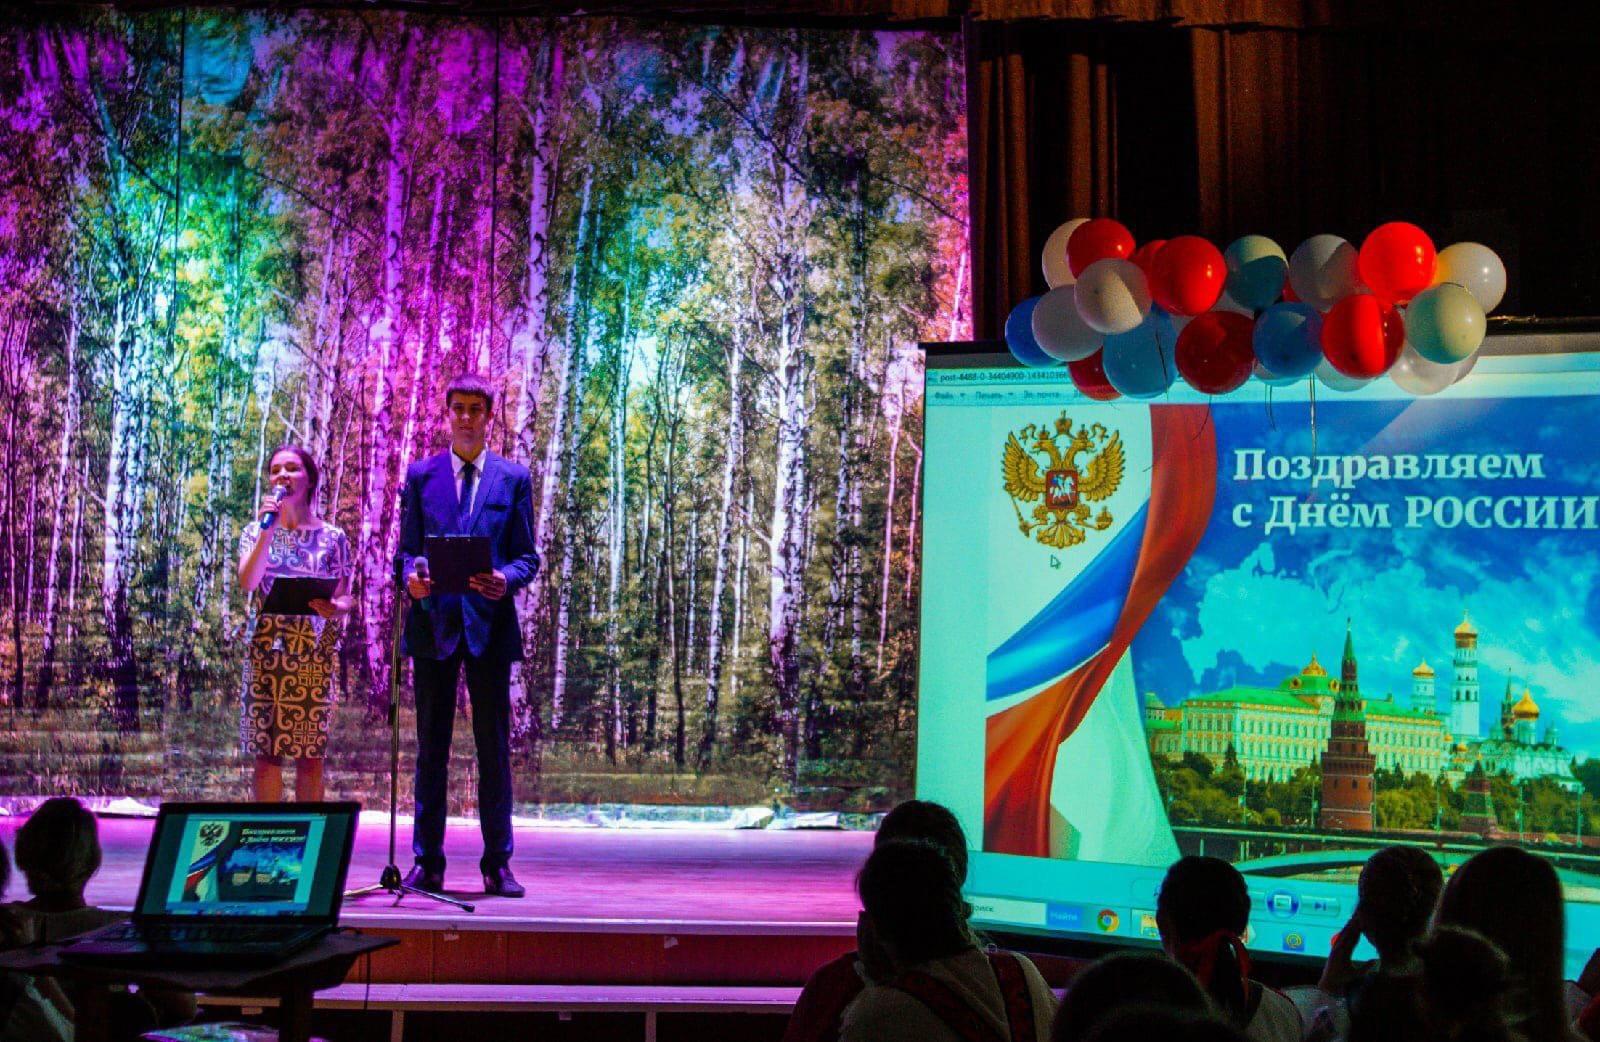 «Мы — патриоты, мы — дети России! Мы — будущее России!»